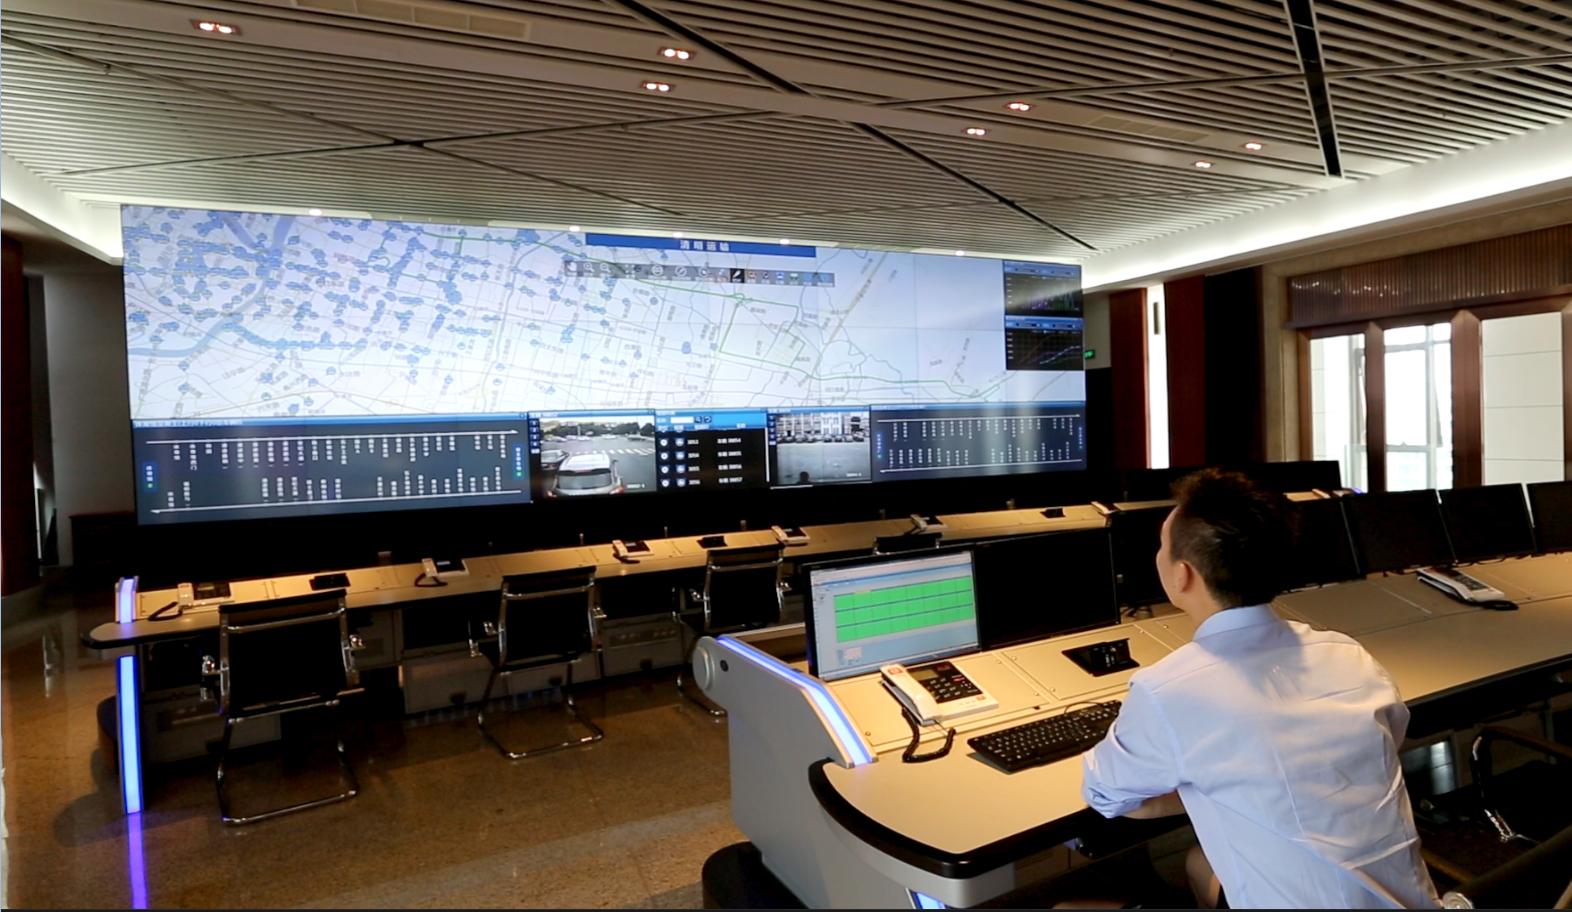 聚焦行业应用,威创亮相2016深圳智能交通展